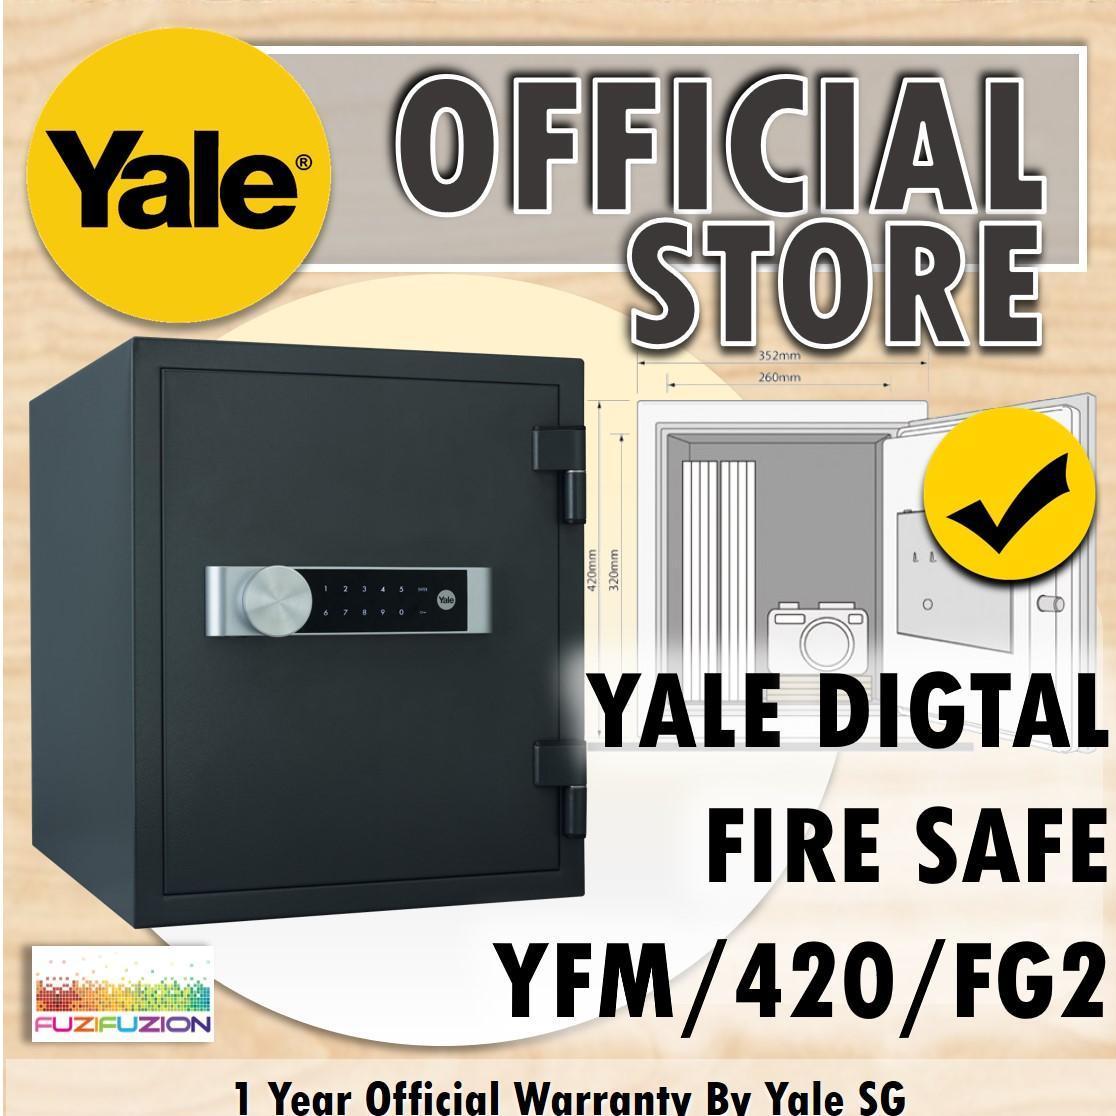 Yale YFM/420/FG2 Large Electronic Office Document Fire Safe